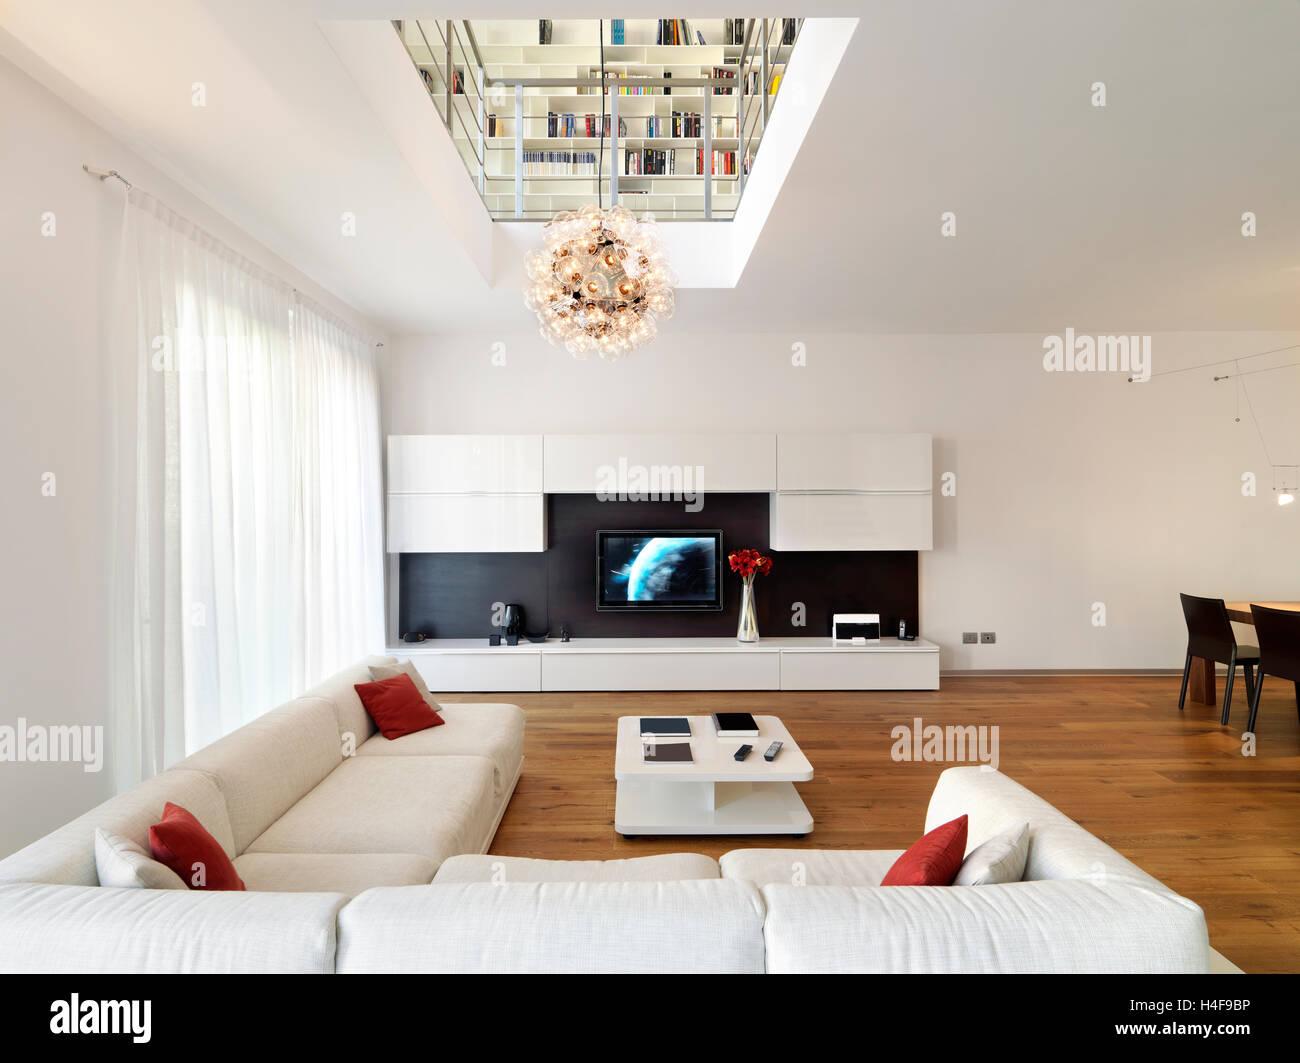 Wunderbar Moderner Bodenbelag Sammlung Von Innenansicht Der Moderne Wohnzimmer Im Vordergrund Das